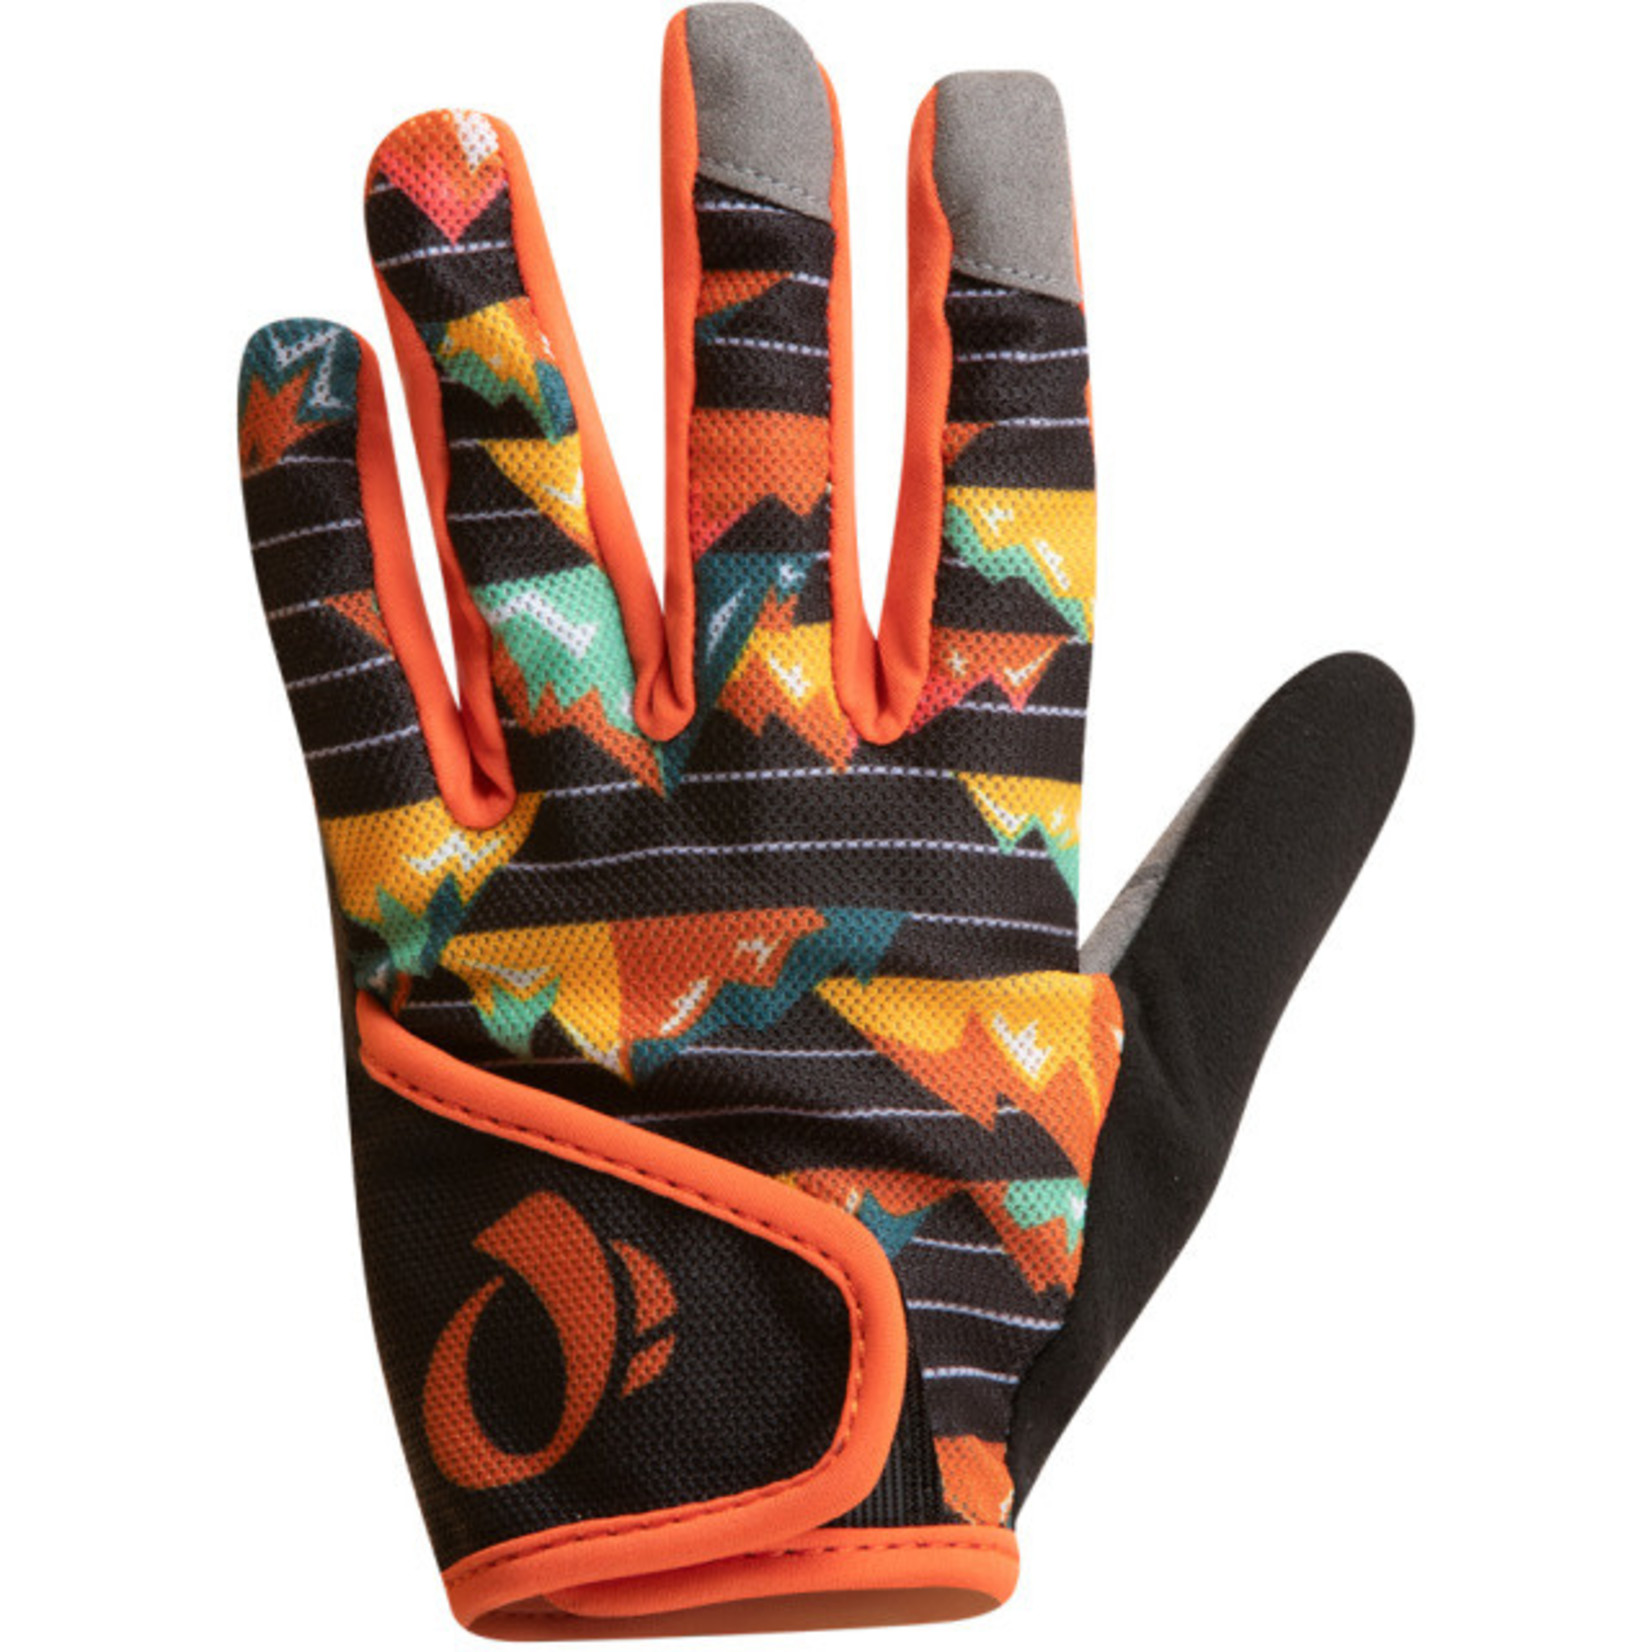 Pearl iZUMi PEARL iZUMi JR MTB Handschuhe apres